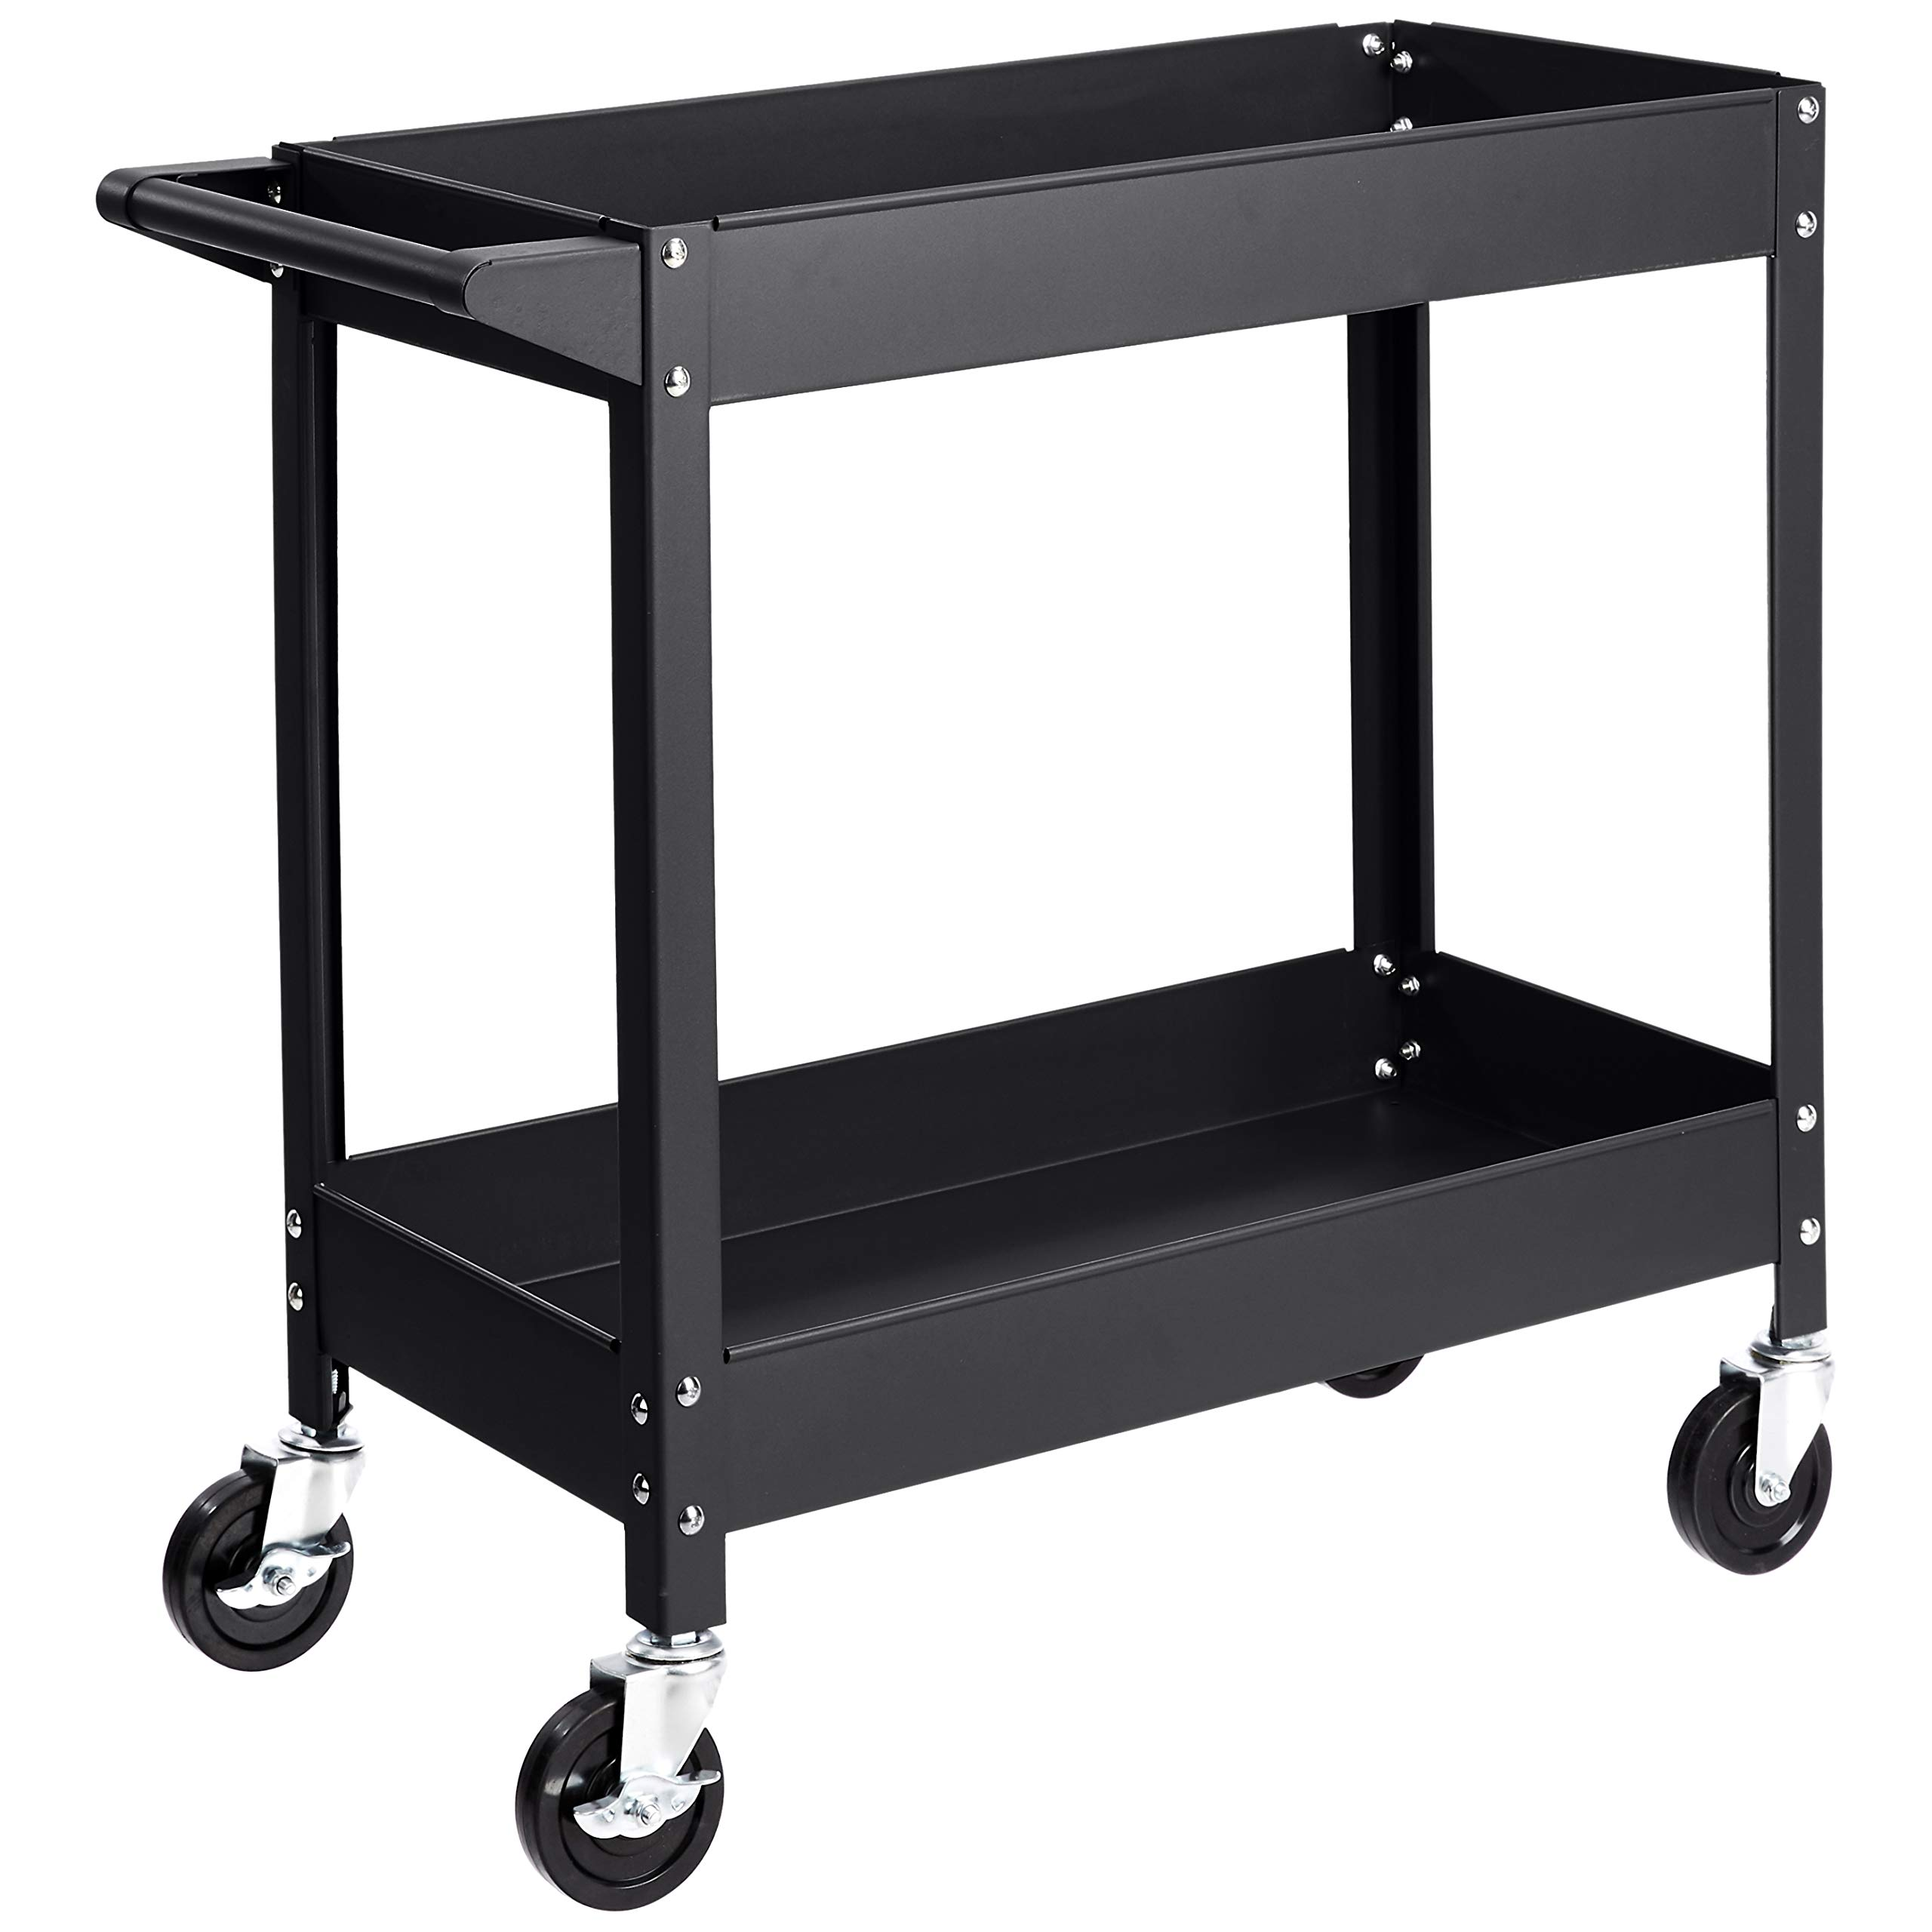 AmazonBasics 2 Shelf Multipurpose Utility capacity